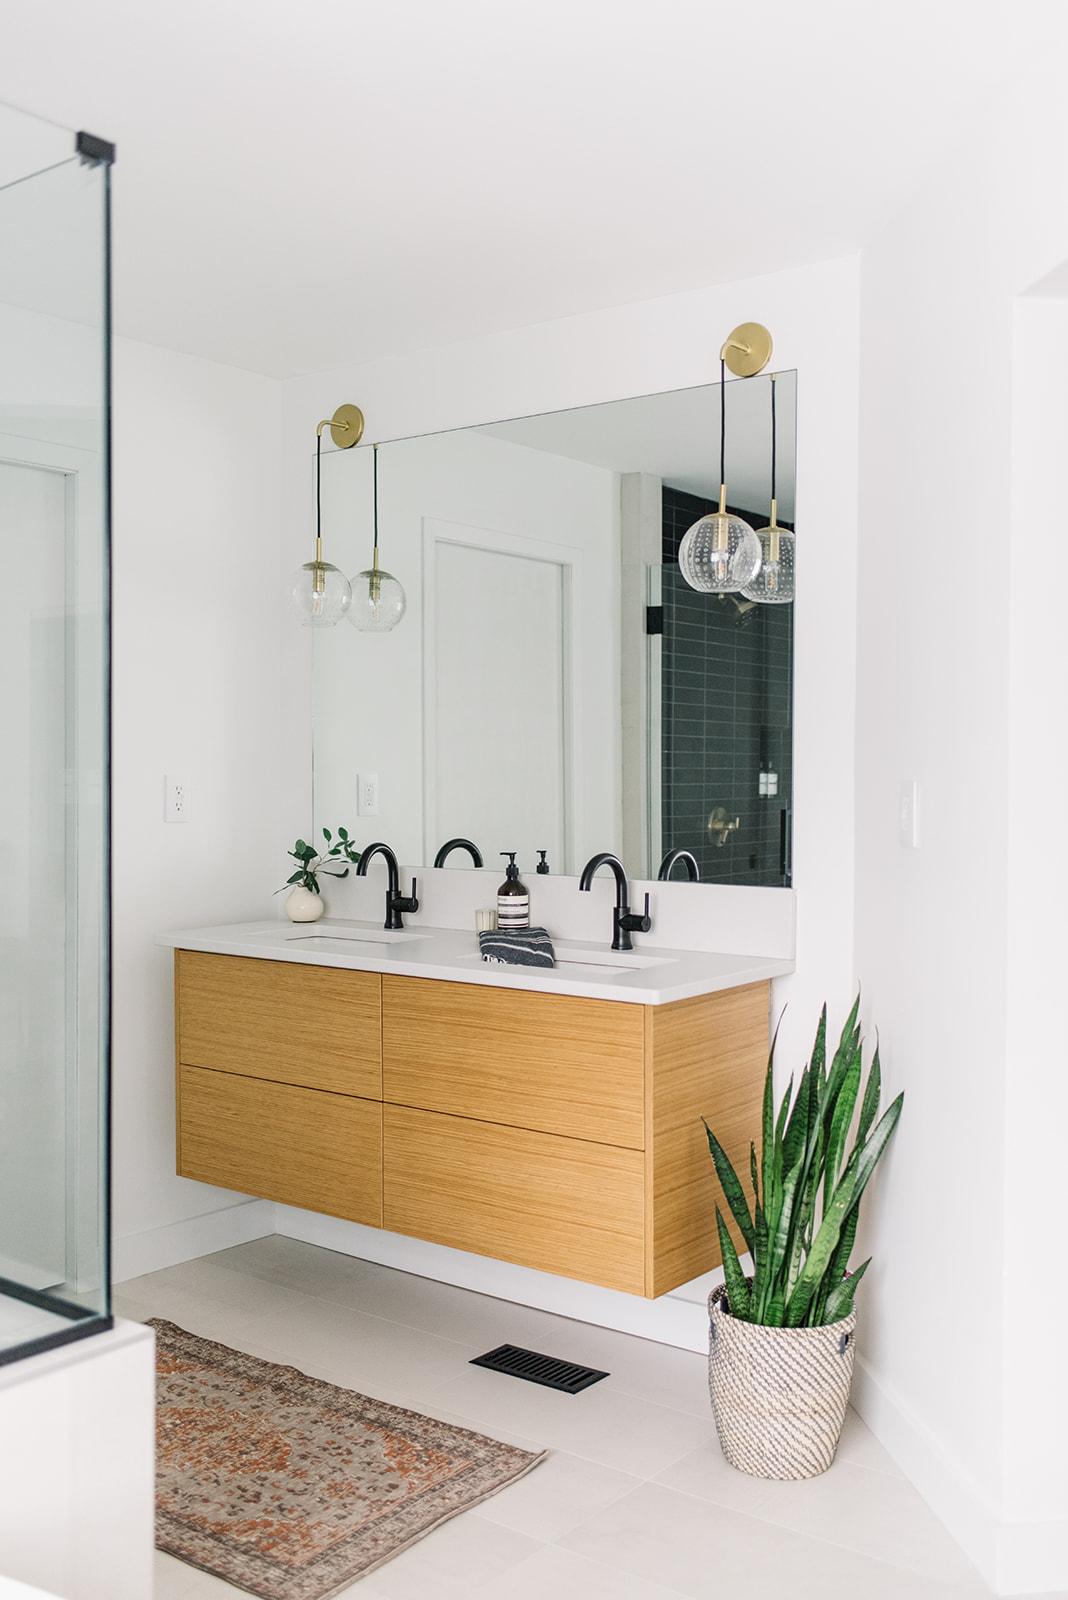 bathroom with floating vanity, oak